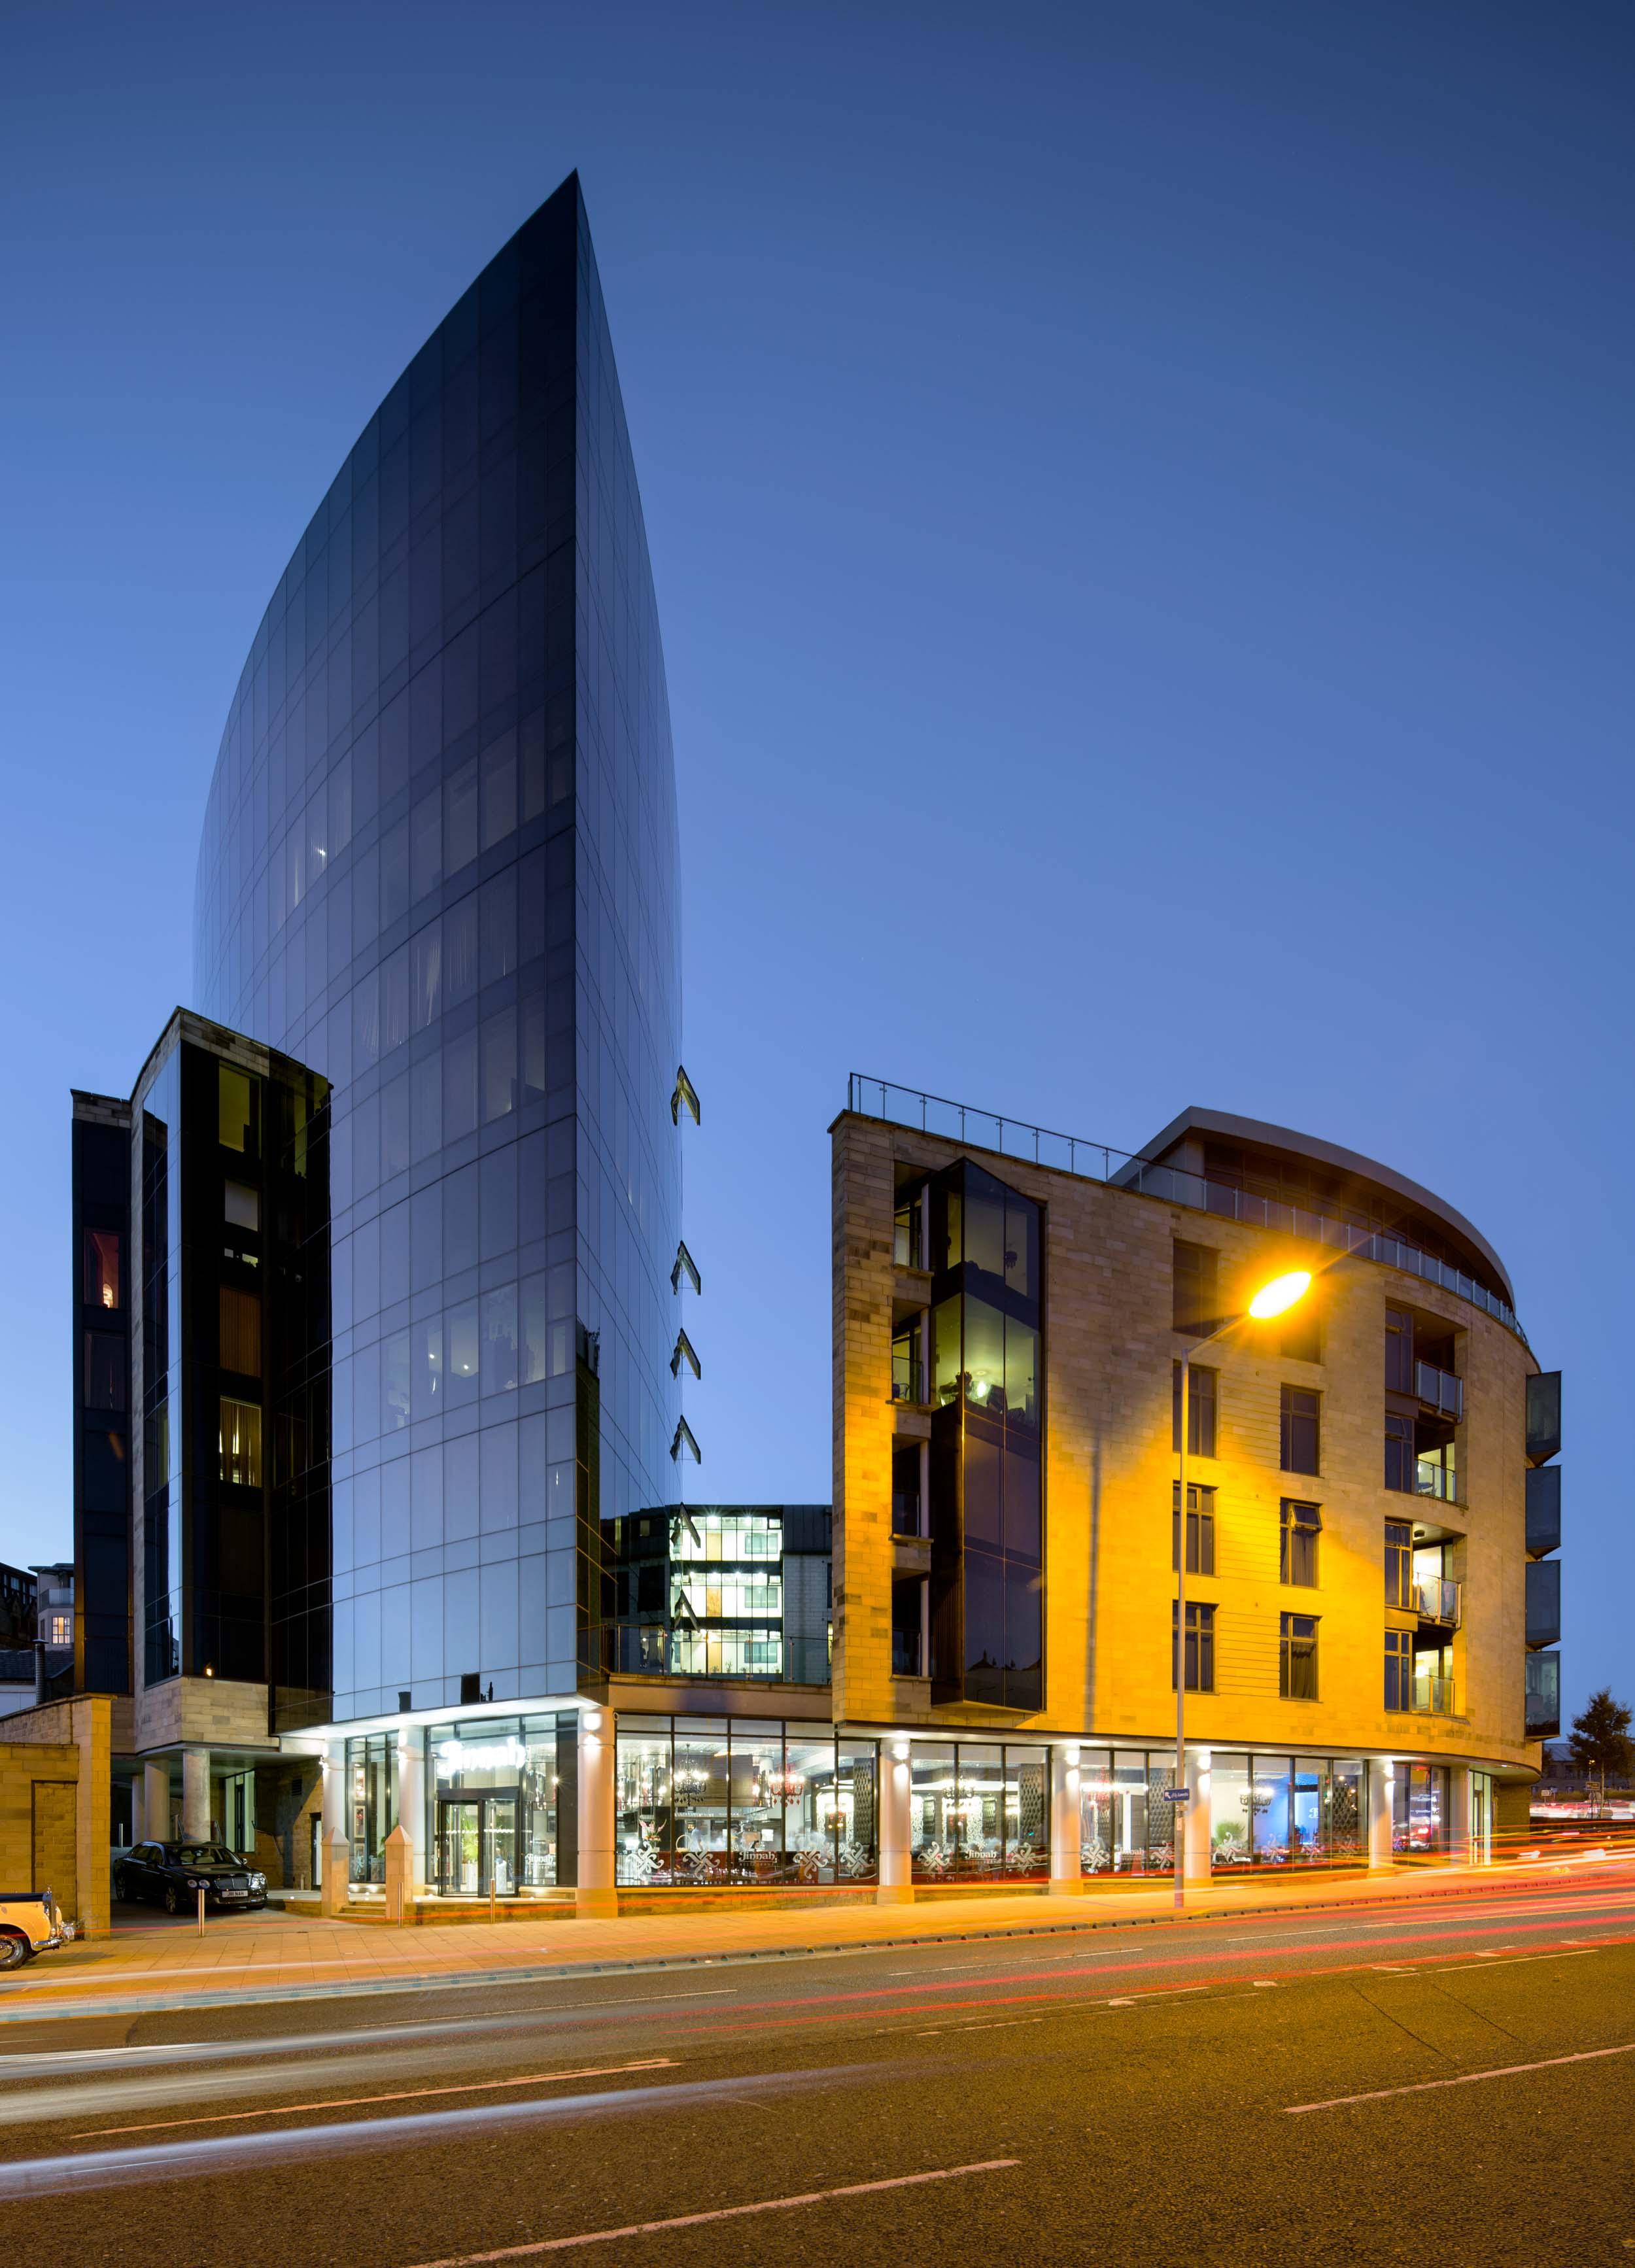 gatehaus bradford flats architectural exterior.jpg